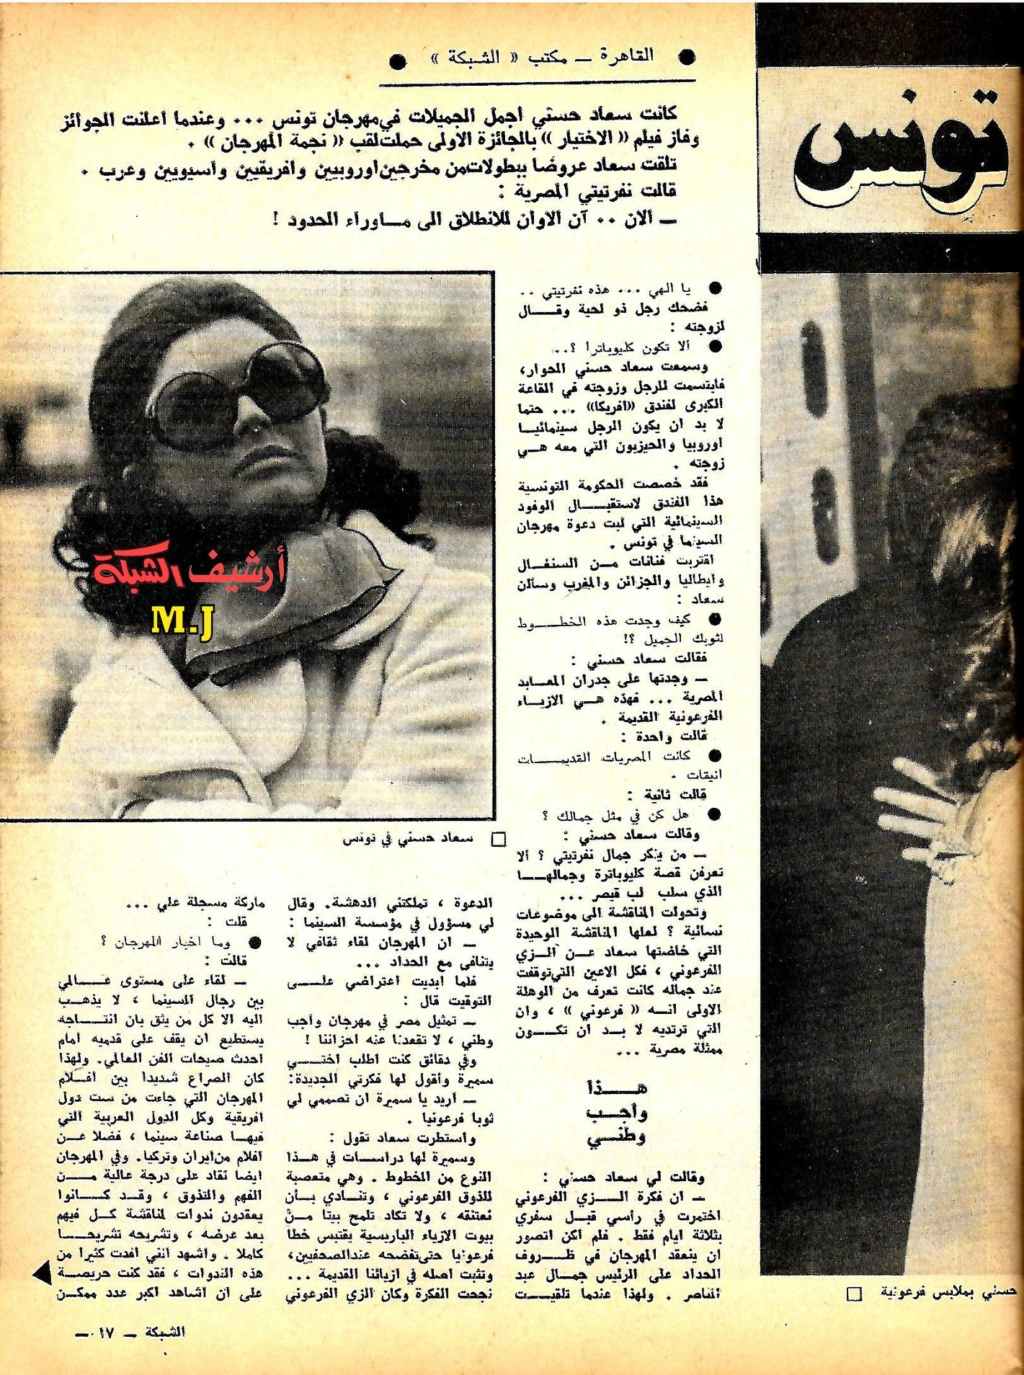 حوار صحفي : سعاد حسني .. نفرتيتي في مهرجان تونس 1970 م 212